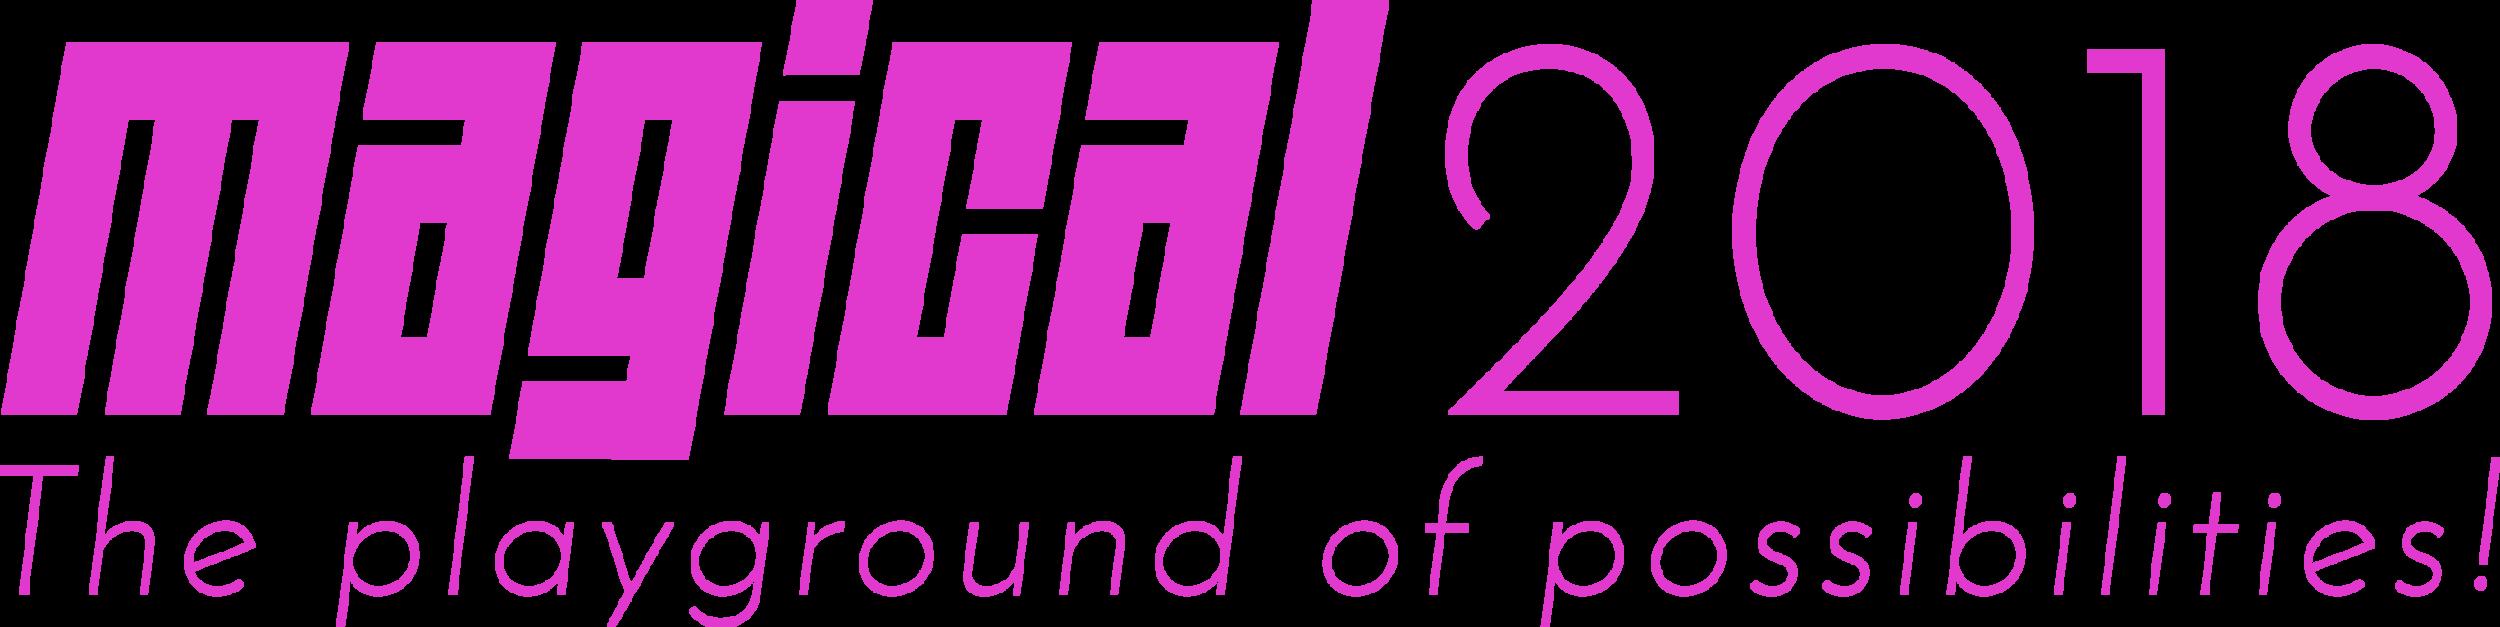 magical-2018-pop.png